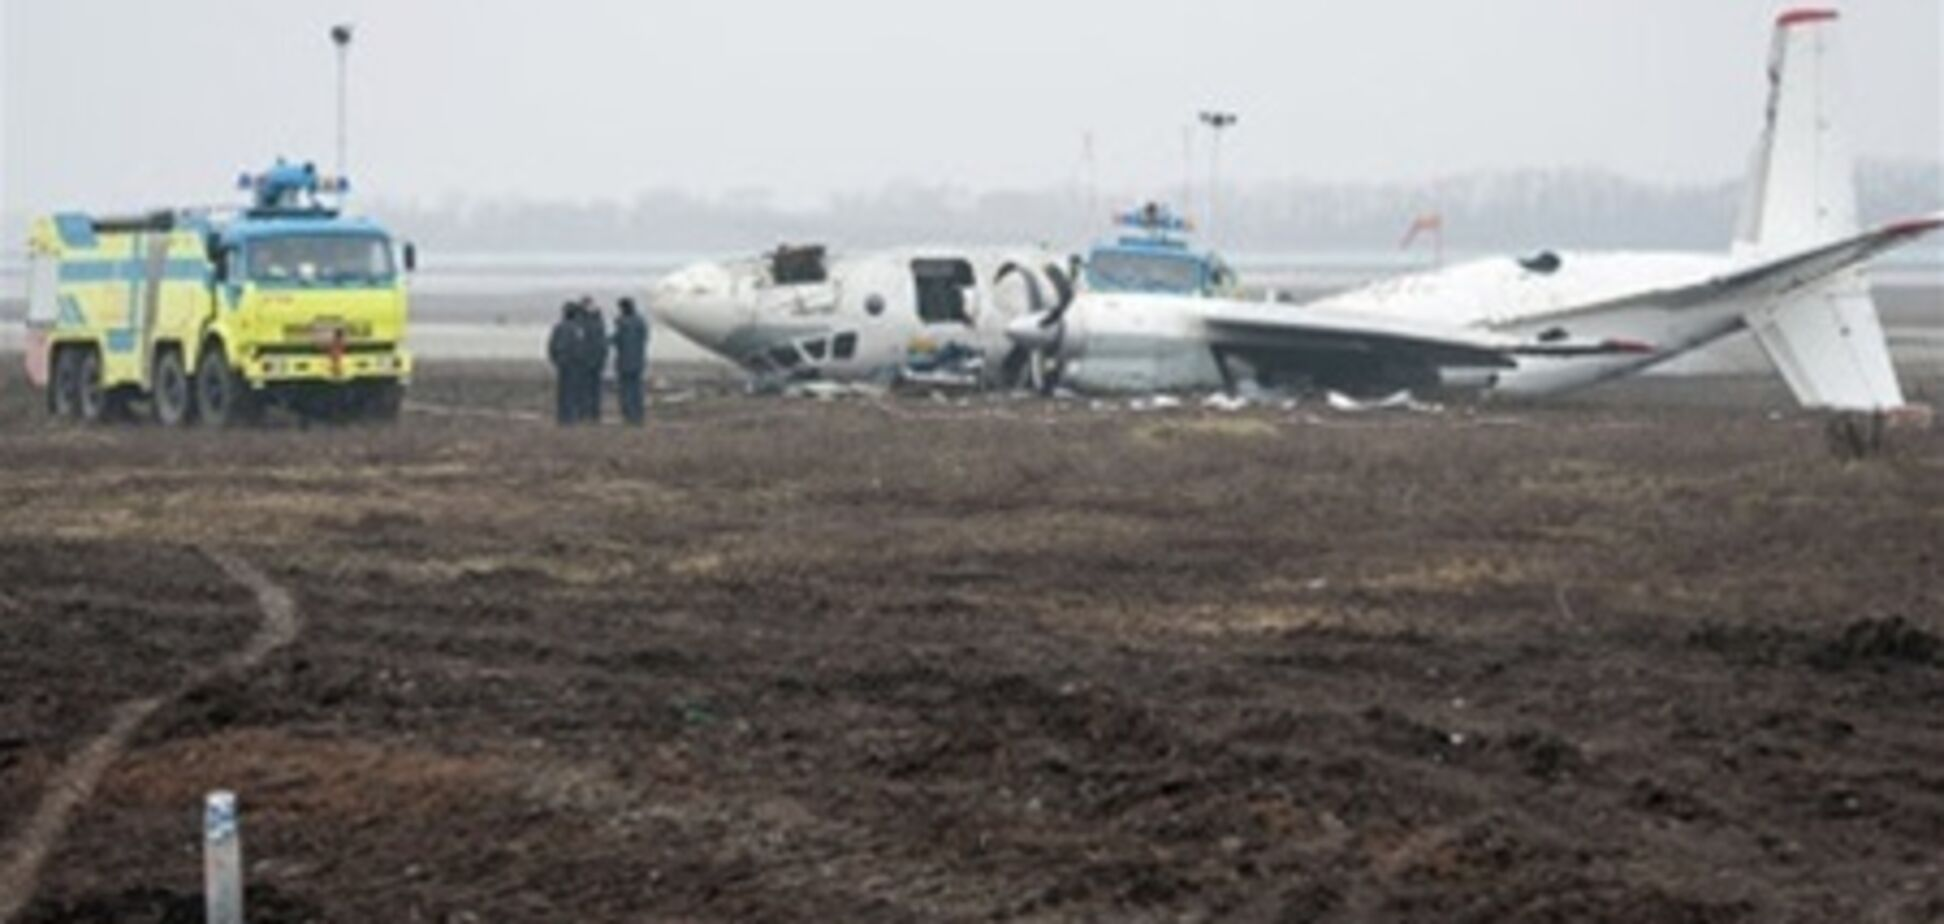 Следствие рассматривает три версии крушения Ан-24 в Донецке